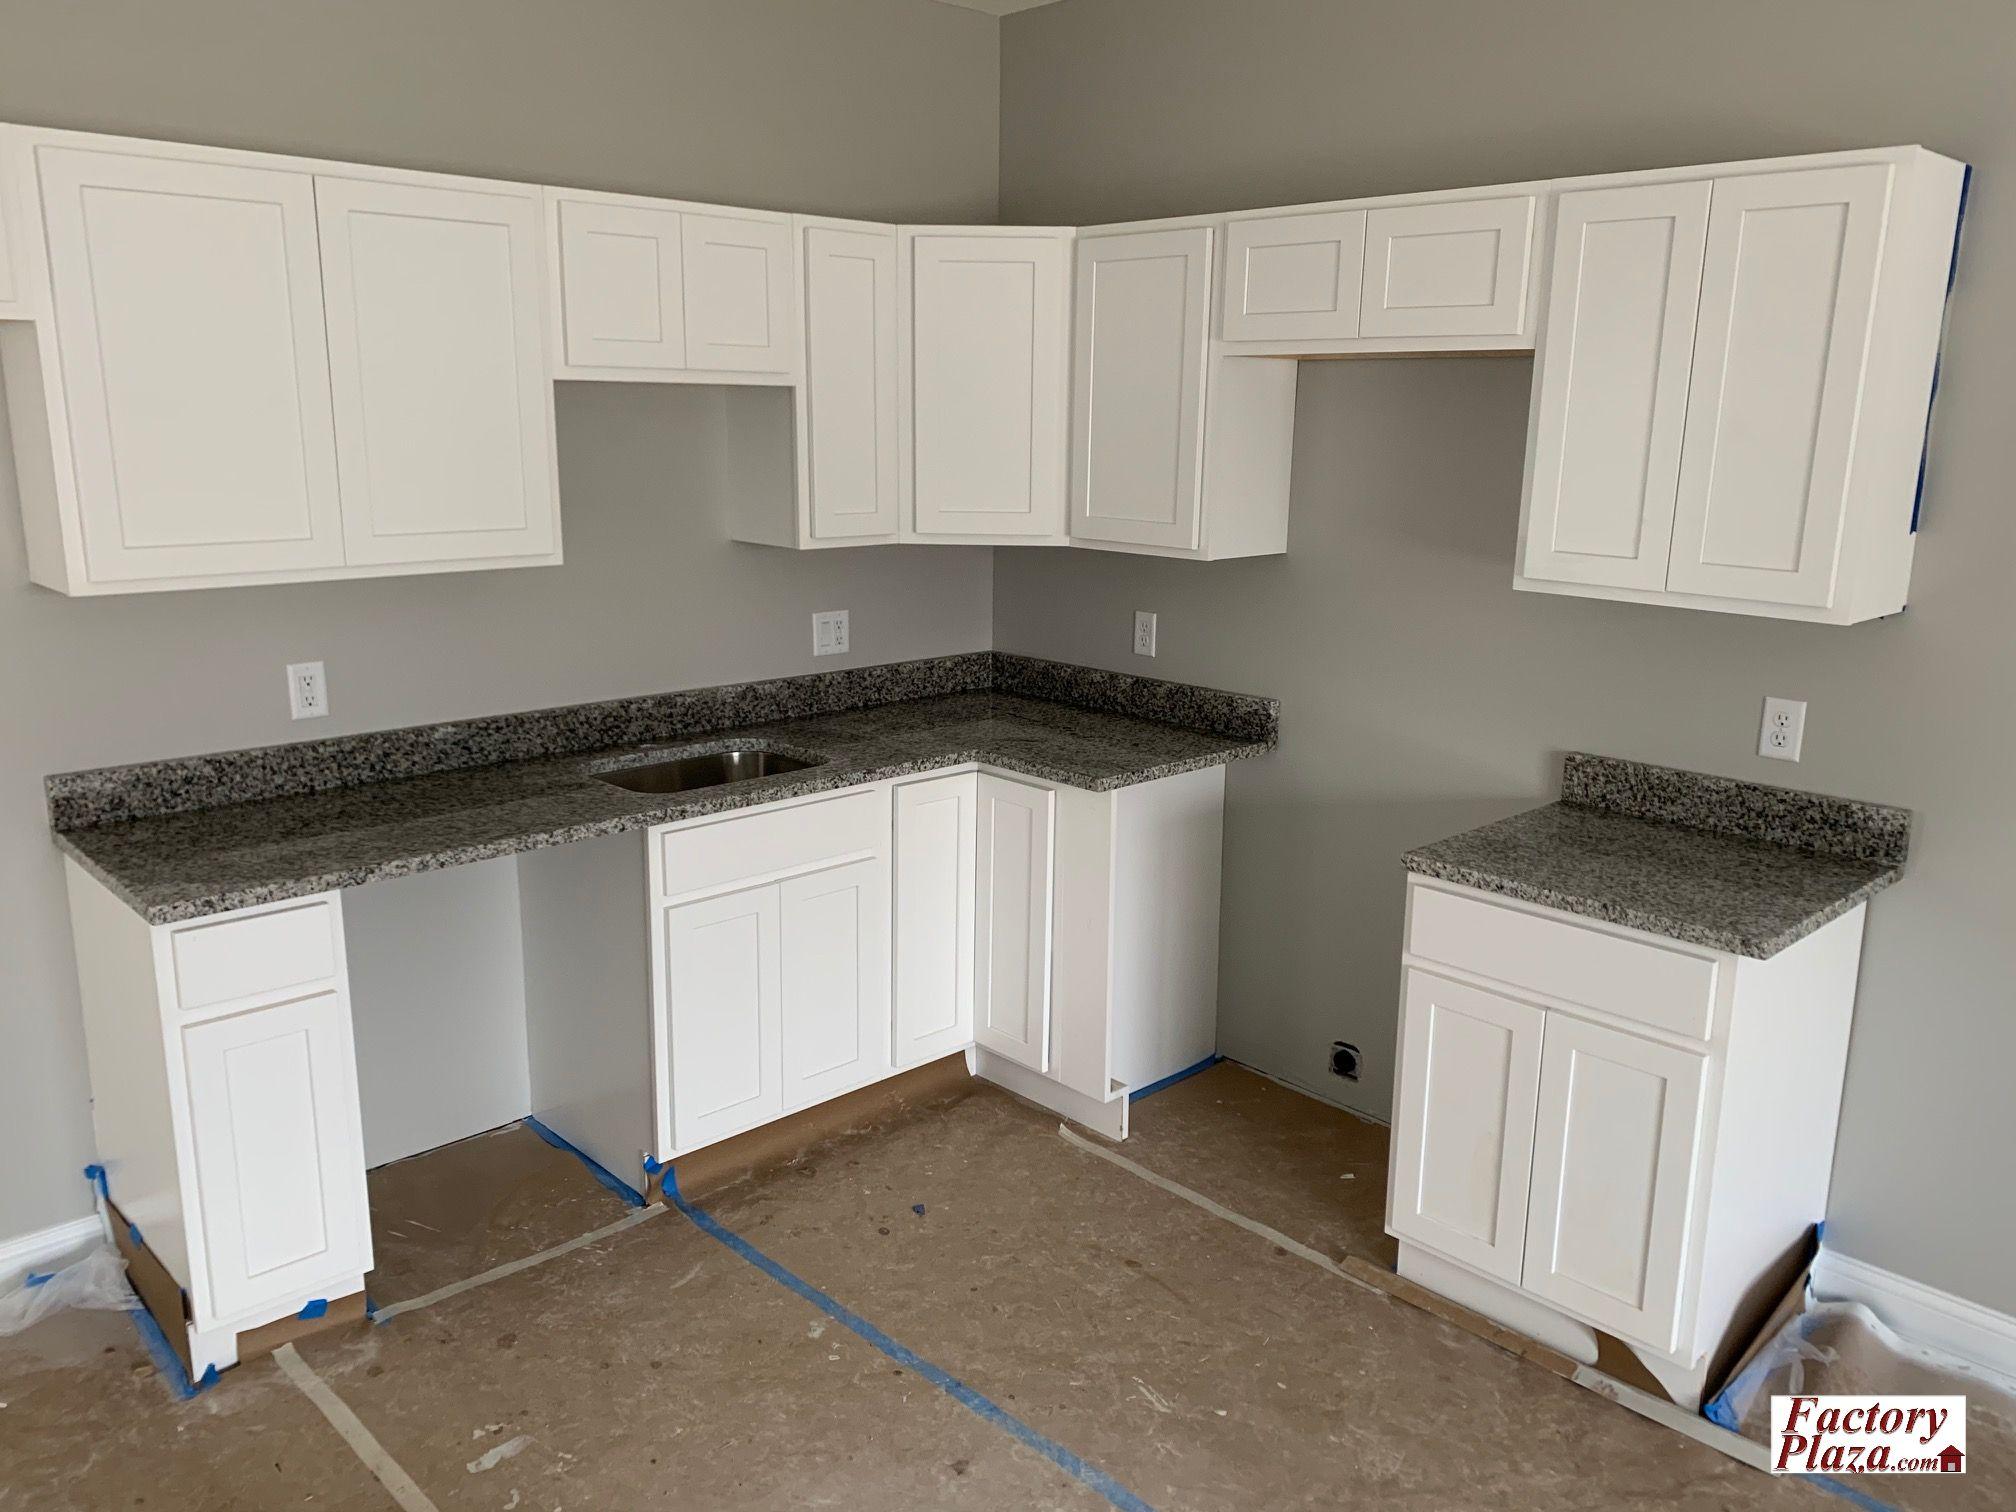 Granite Marble Quartz Countertops Chicago Area Quartz Countertops Kitchen Cabinets And Countertops Granite Quartz Countertops